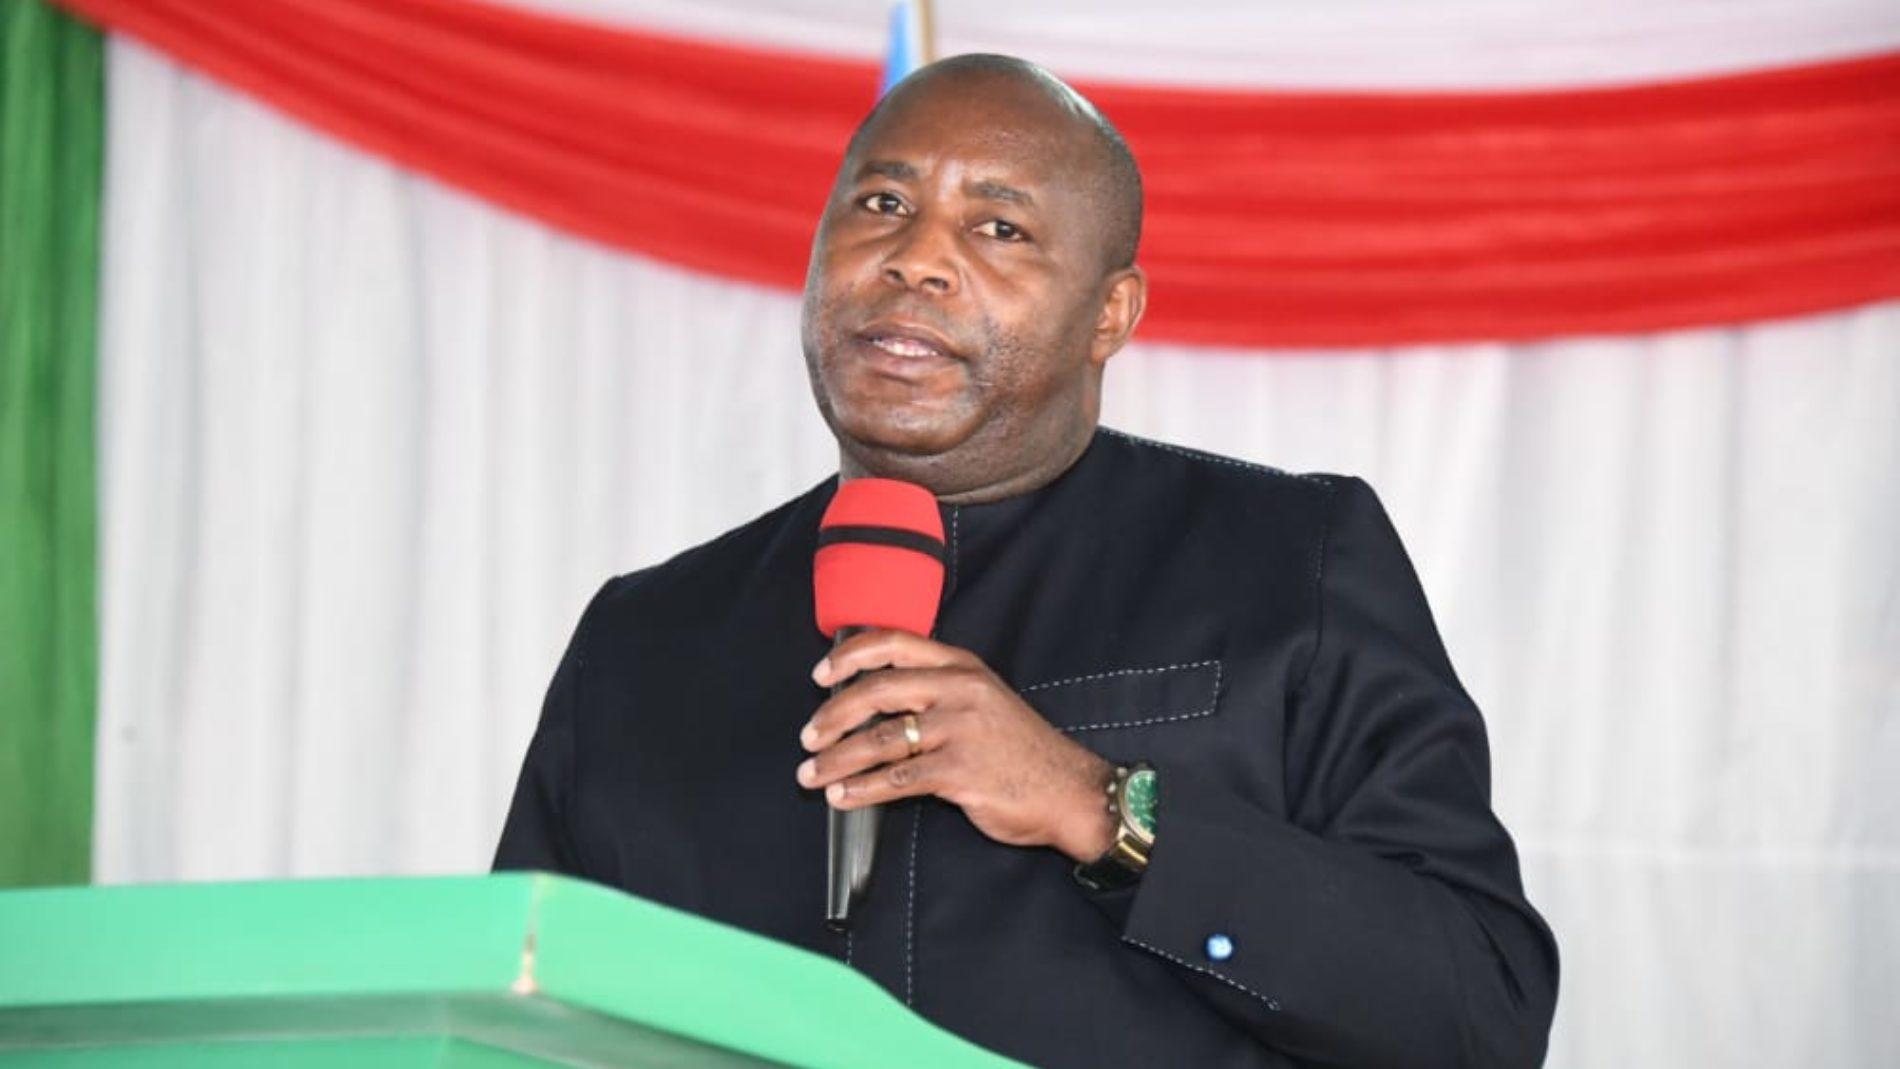 Burundi : le président Neva reconnaît l'injustice dans son pays